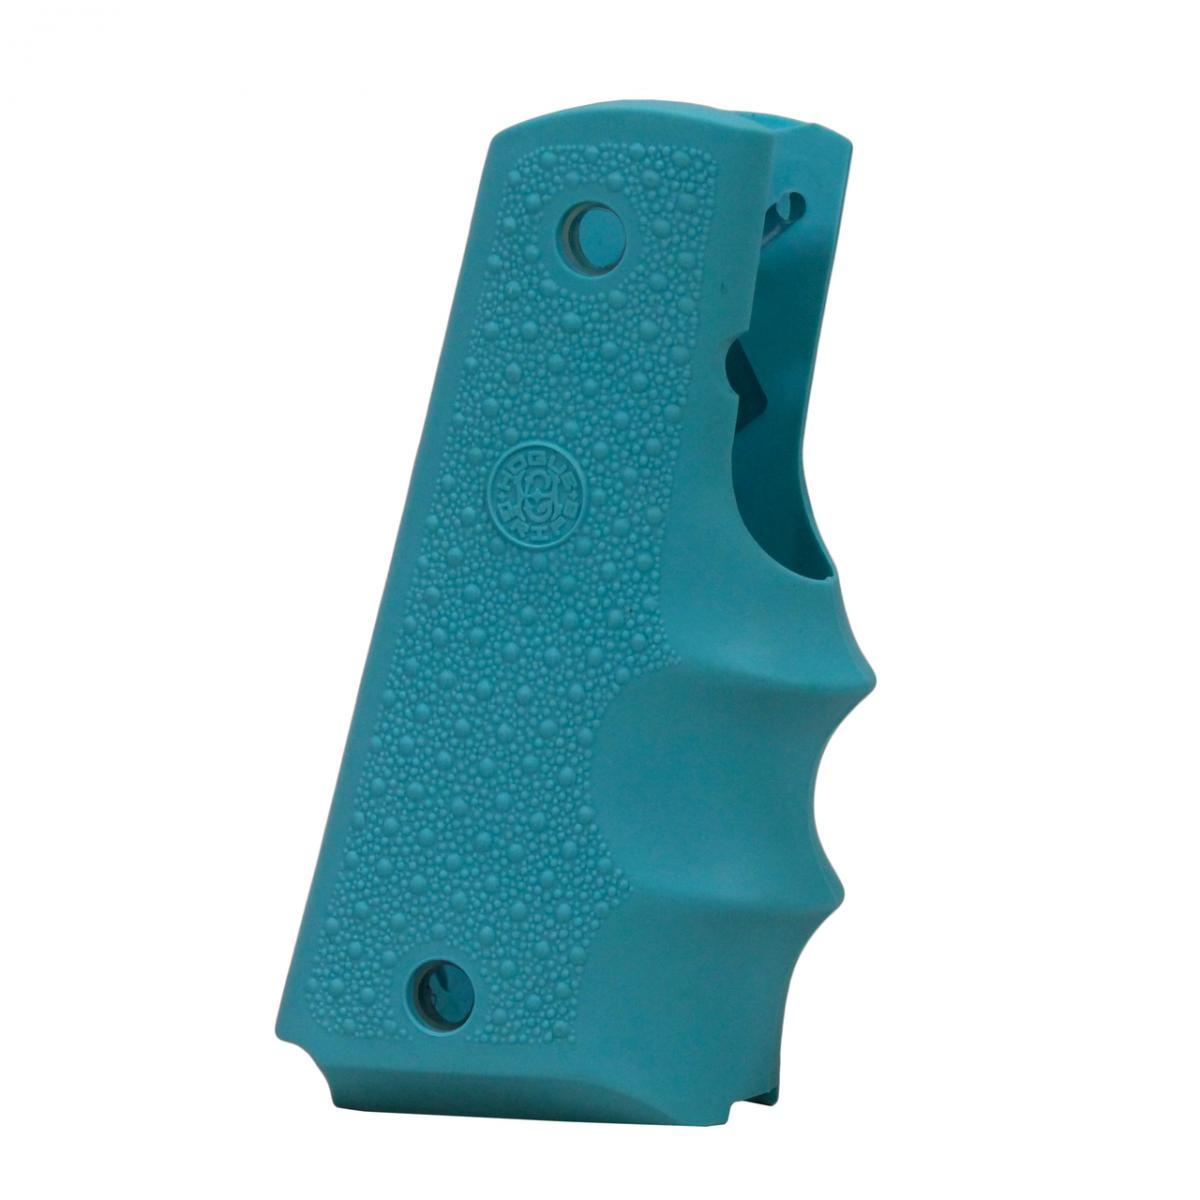 Poignée plastique pour pistolet COLT 45 1911 couleur Aqua